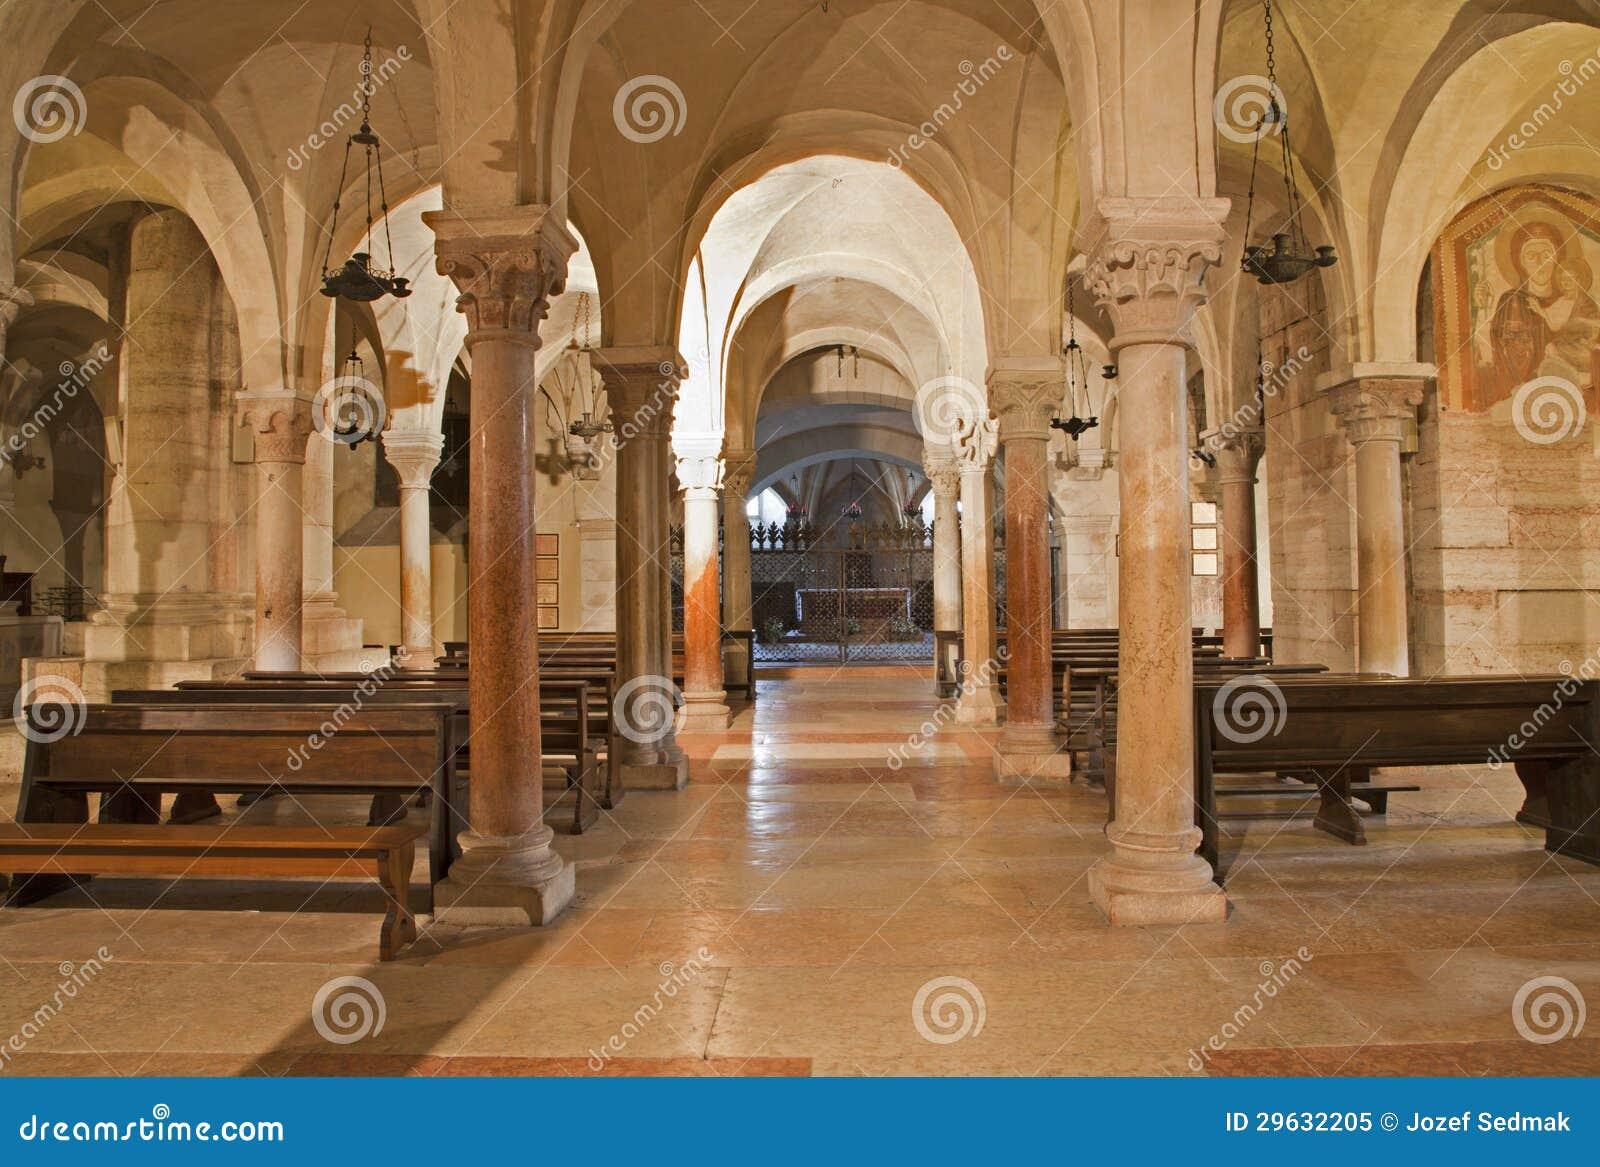 Verona - untere Romanesquekirche in der Basilika San Zeno